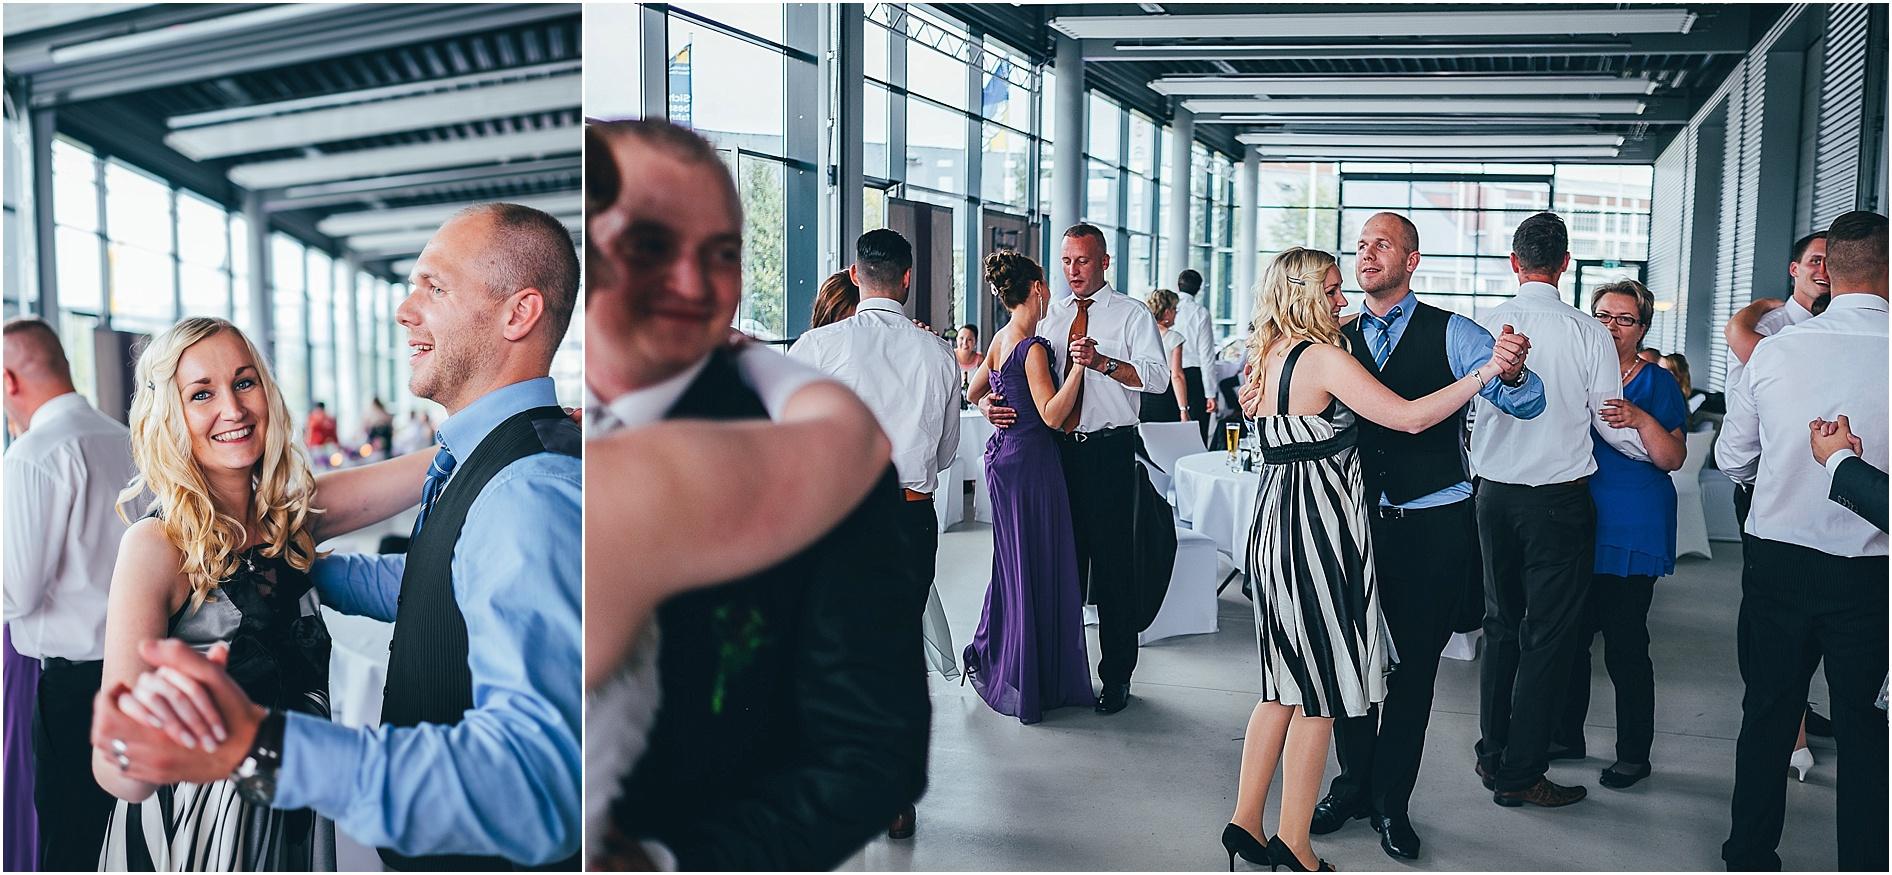 2014-11-20_0117 Lora & Daniel - Als Hochzeitsfotograf in Lüneburg